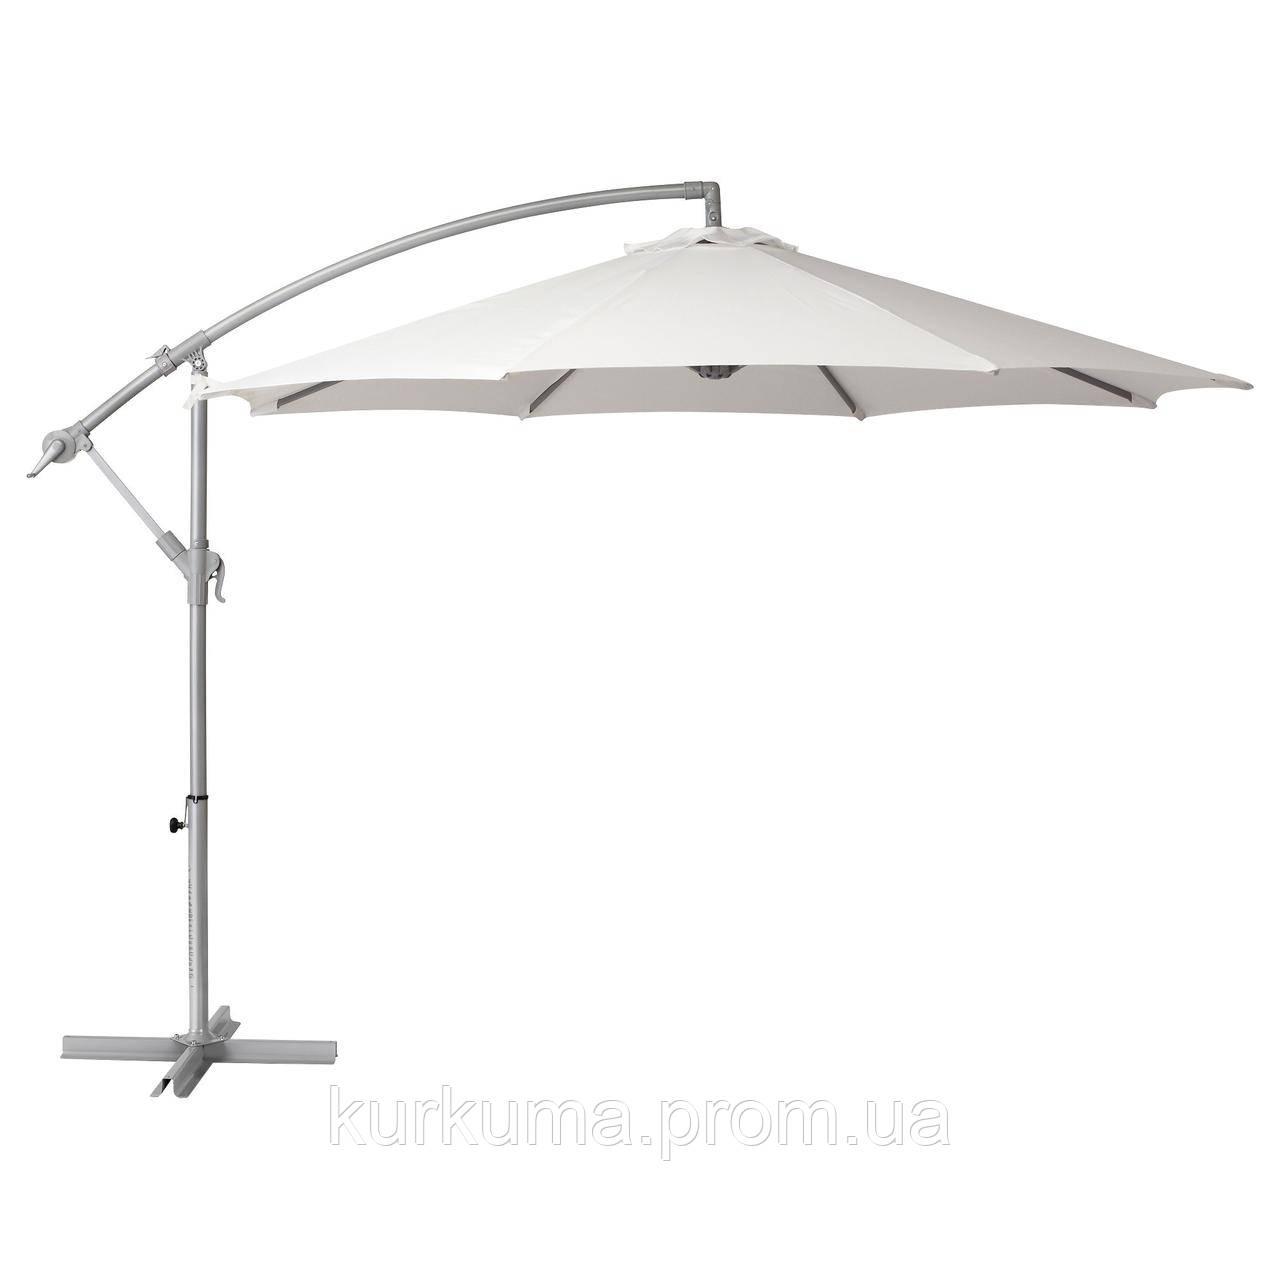 IKEA BAGGON Зонт подвесной, белый  (502.602.84)